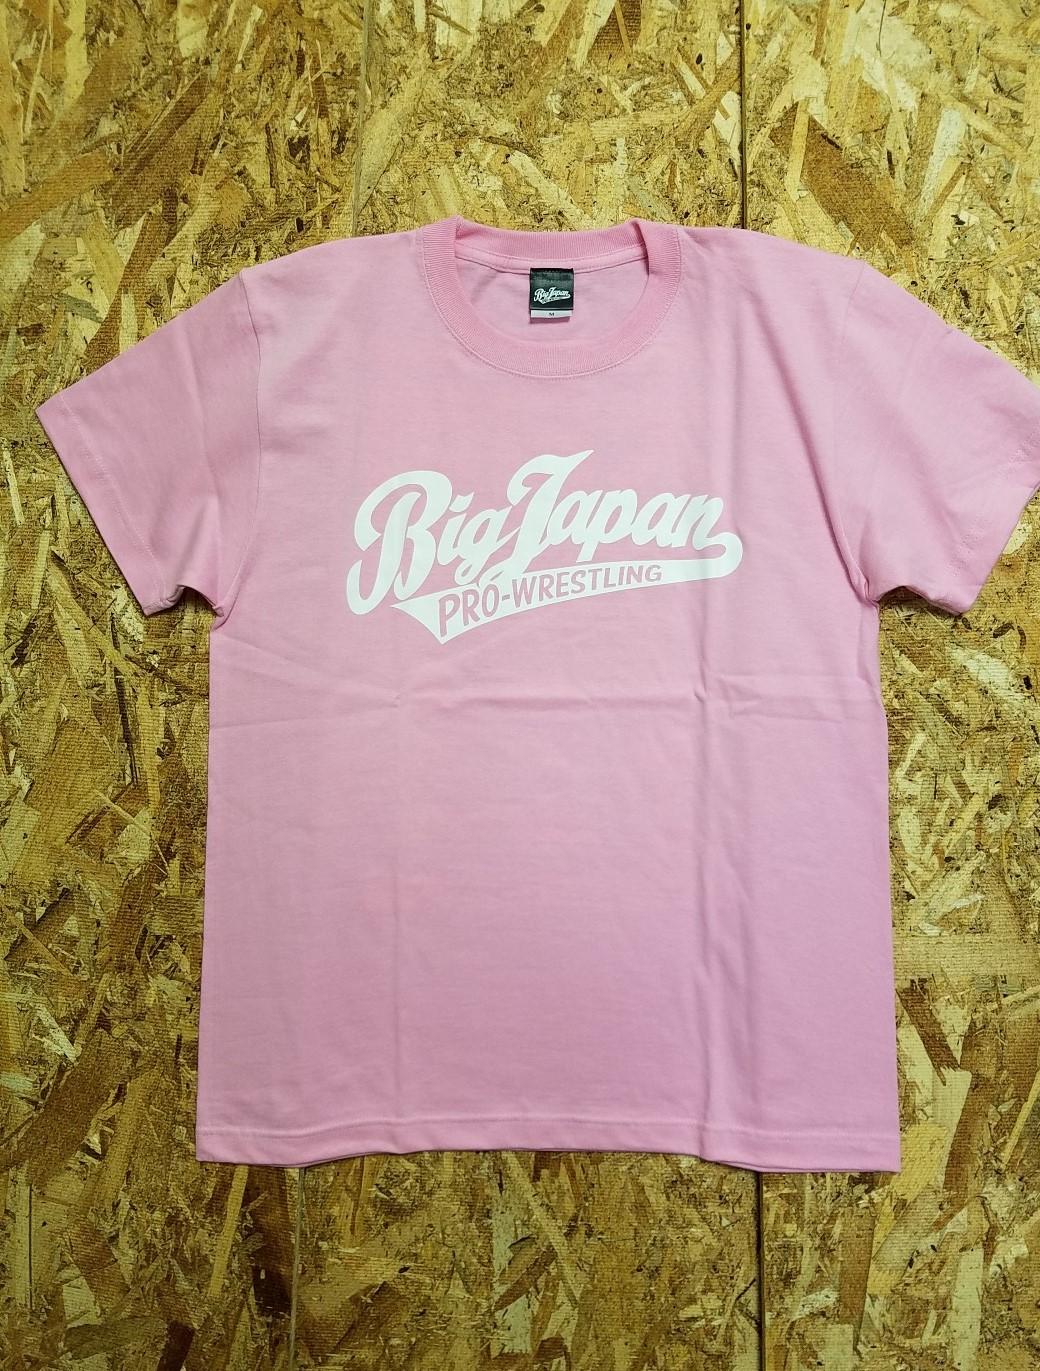 ベースボールロゴ×大日魂Tシャツ